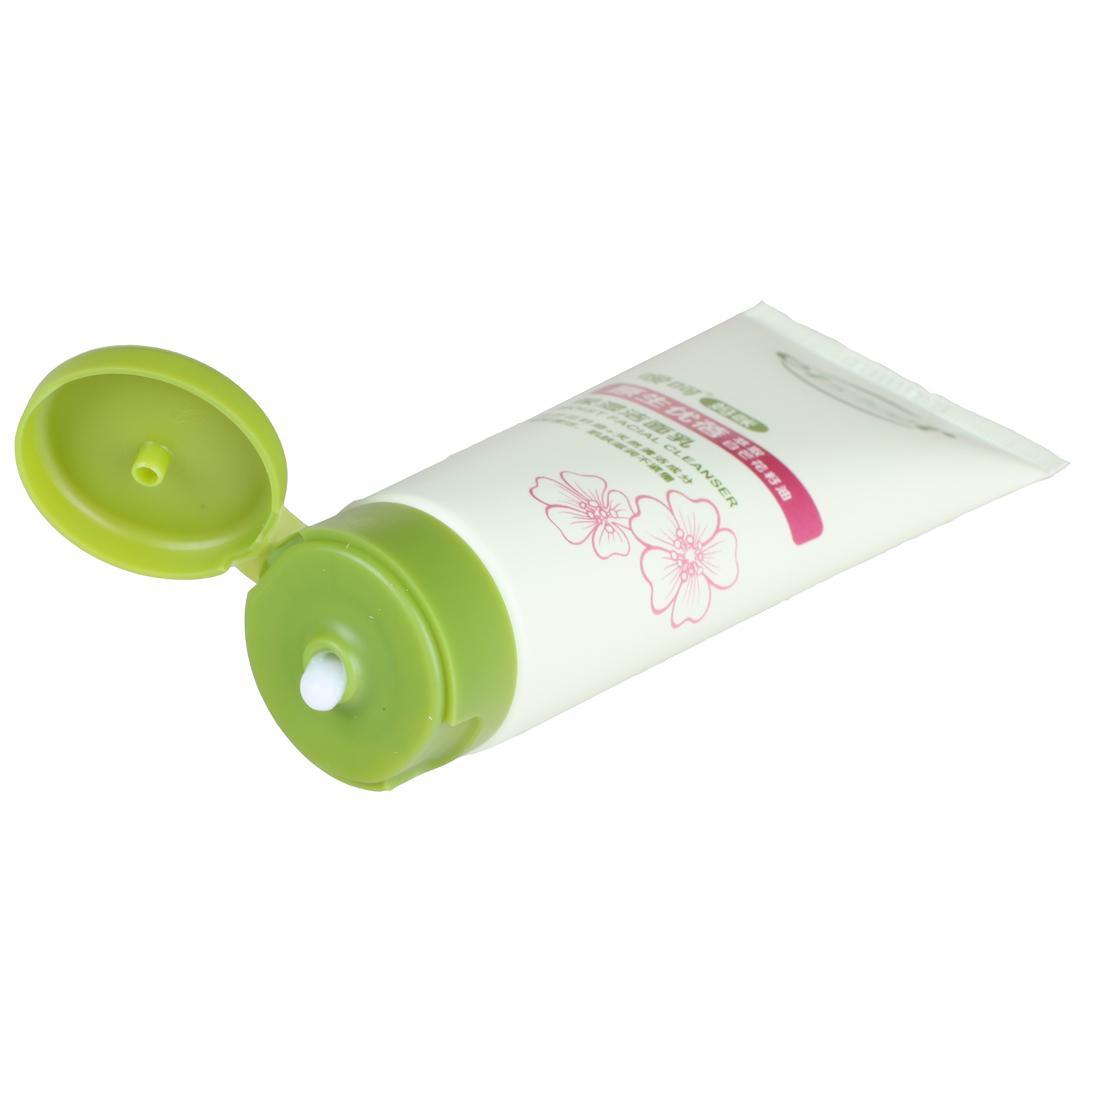 孕妇护肤品 嗳呵原生优蓓妈咪保湿洁面乳150g 补水洗面奶 无香精